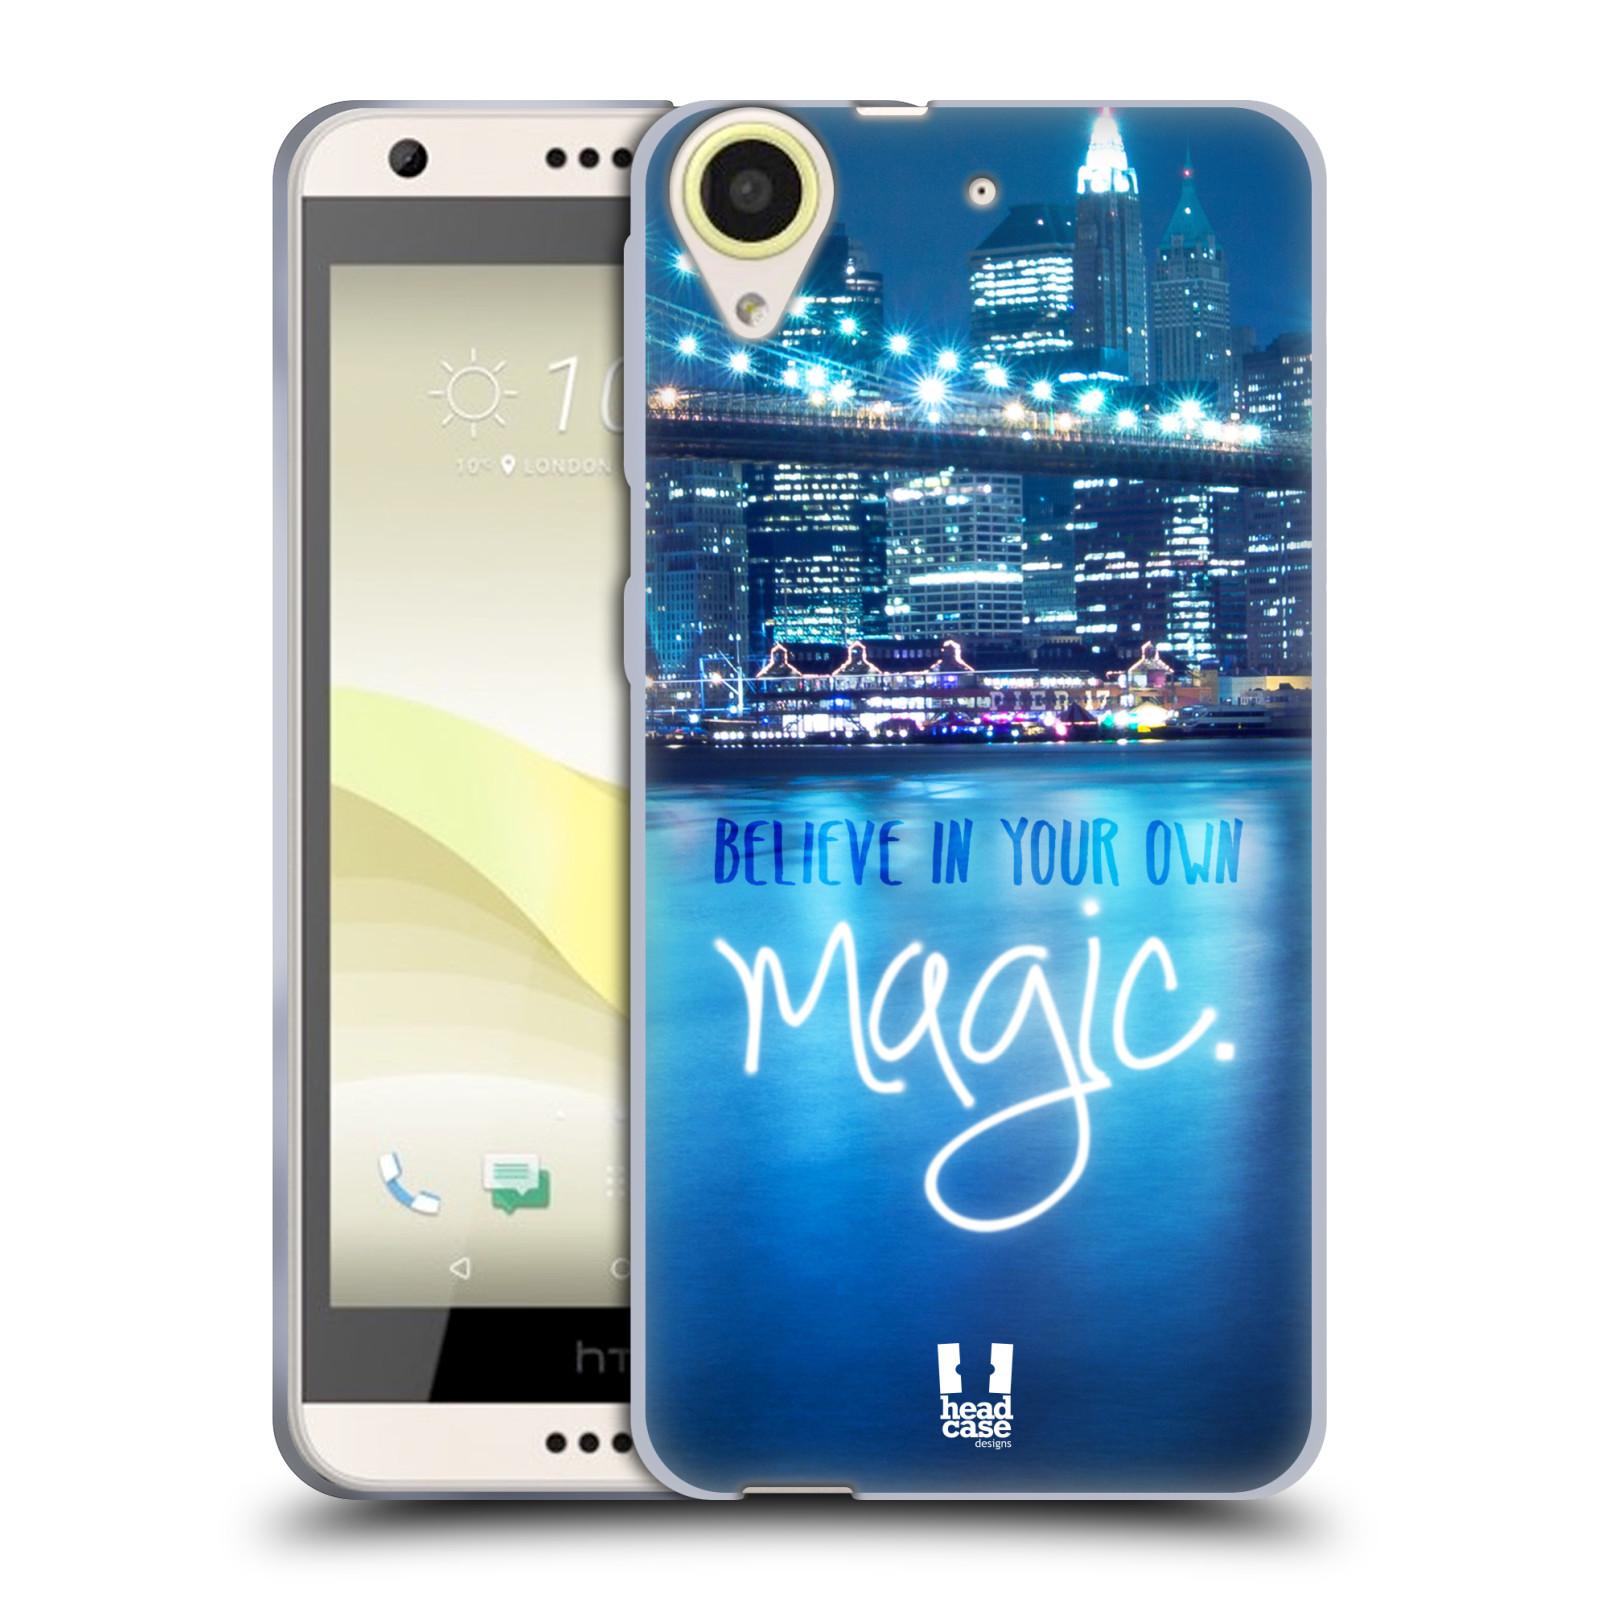 Silikonové pouzdro na mobil HTC Desire 650 HEAD CASE MAGICAL (Silikonový kryt či obal na mobilní telefon HTC Desire 650)